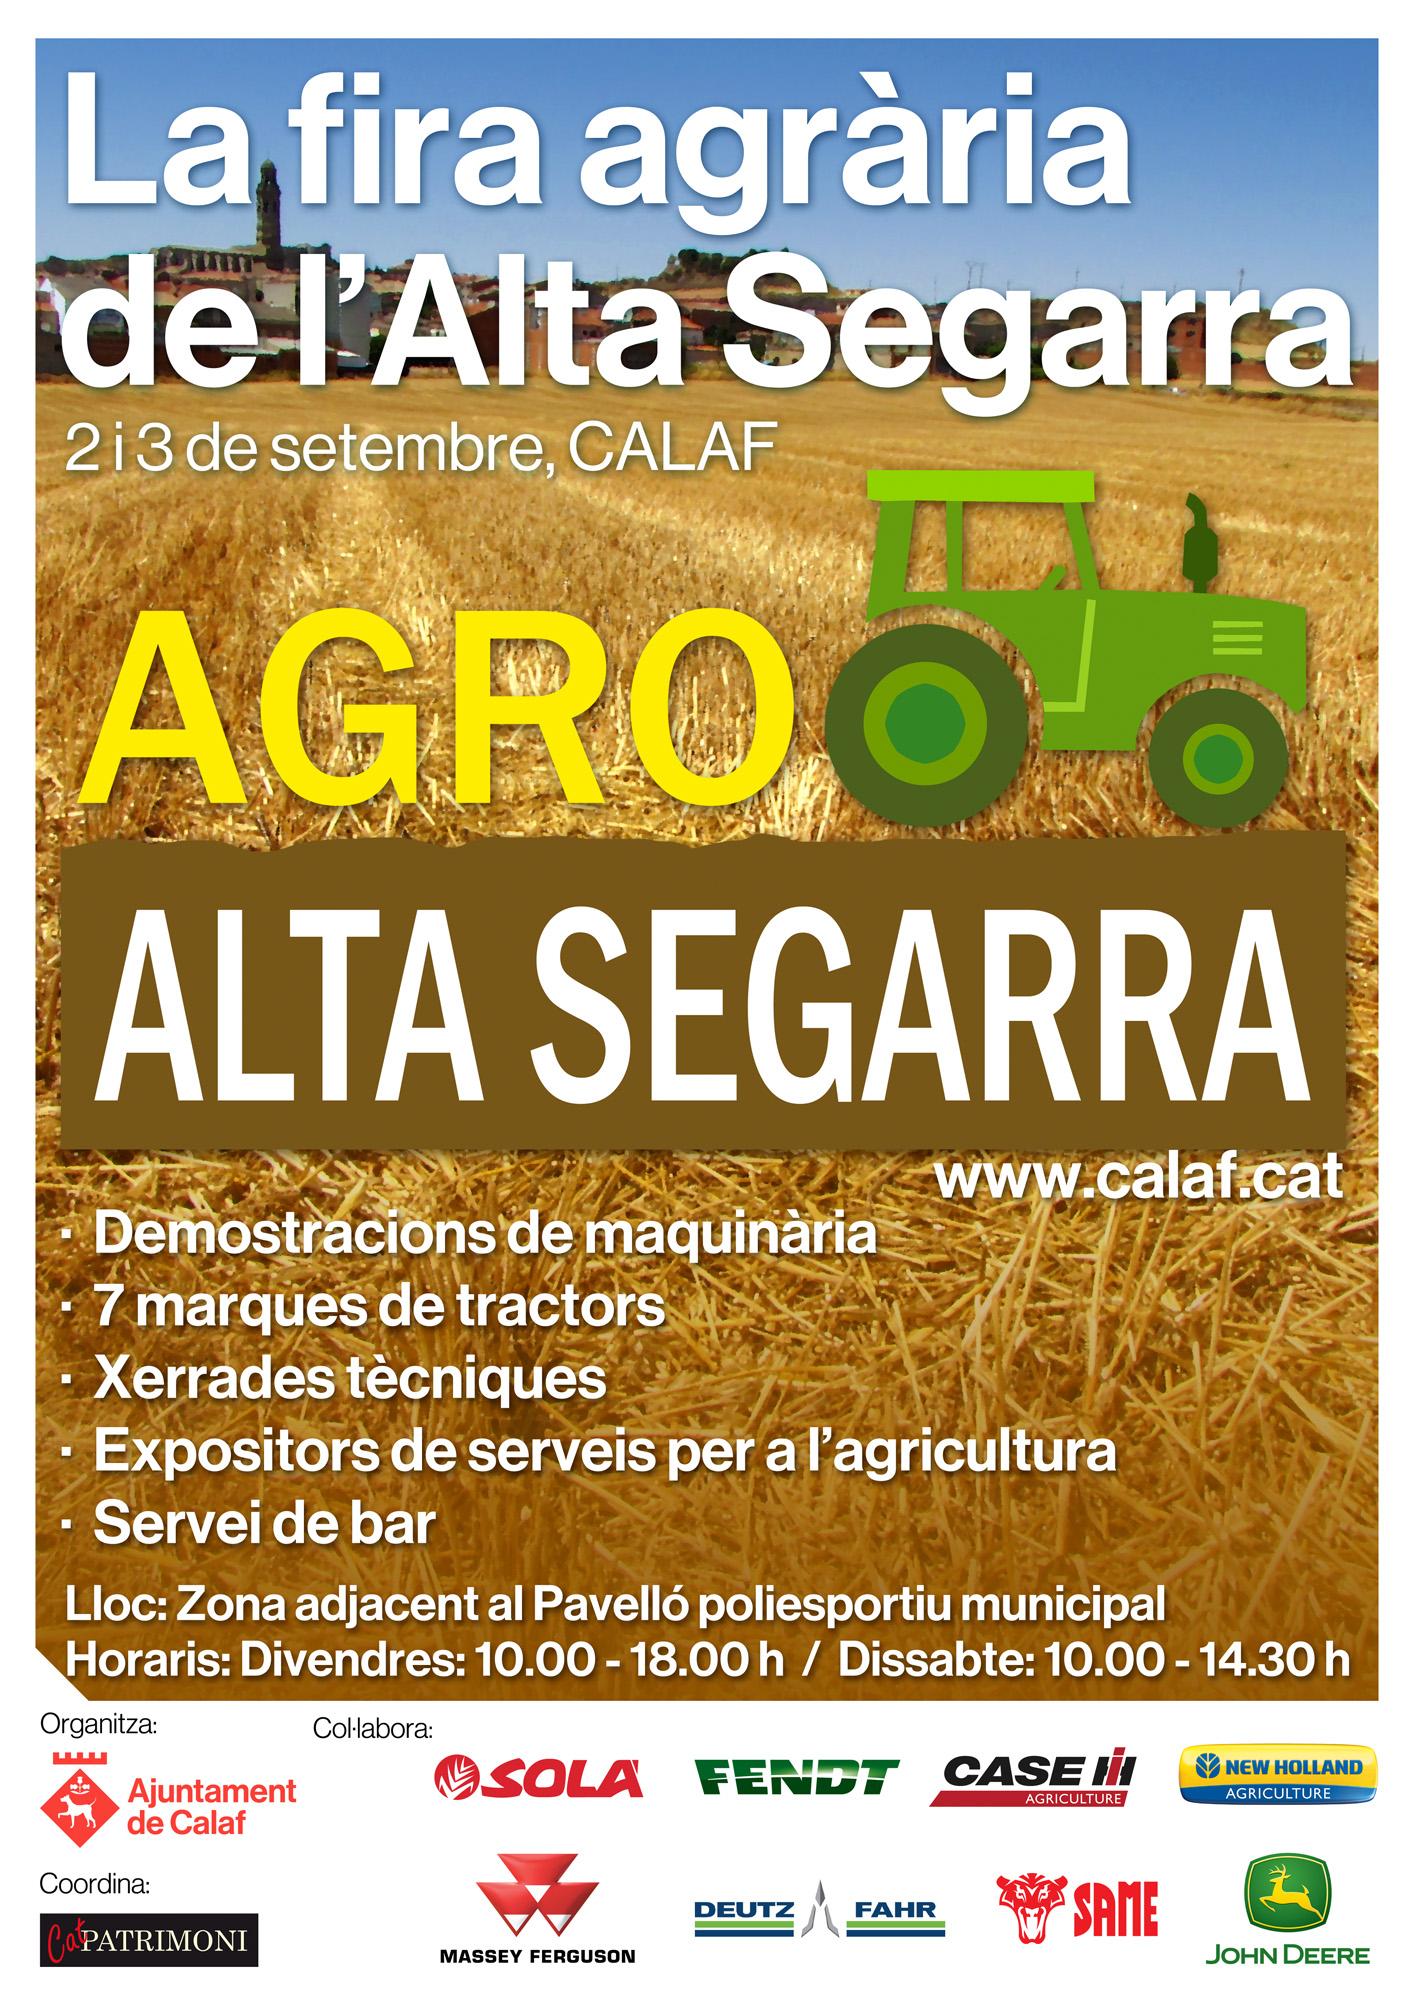 Agro_Alta_Segarra_Calaf